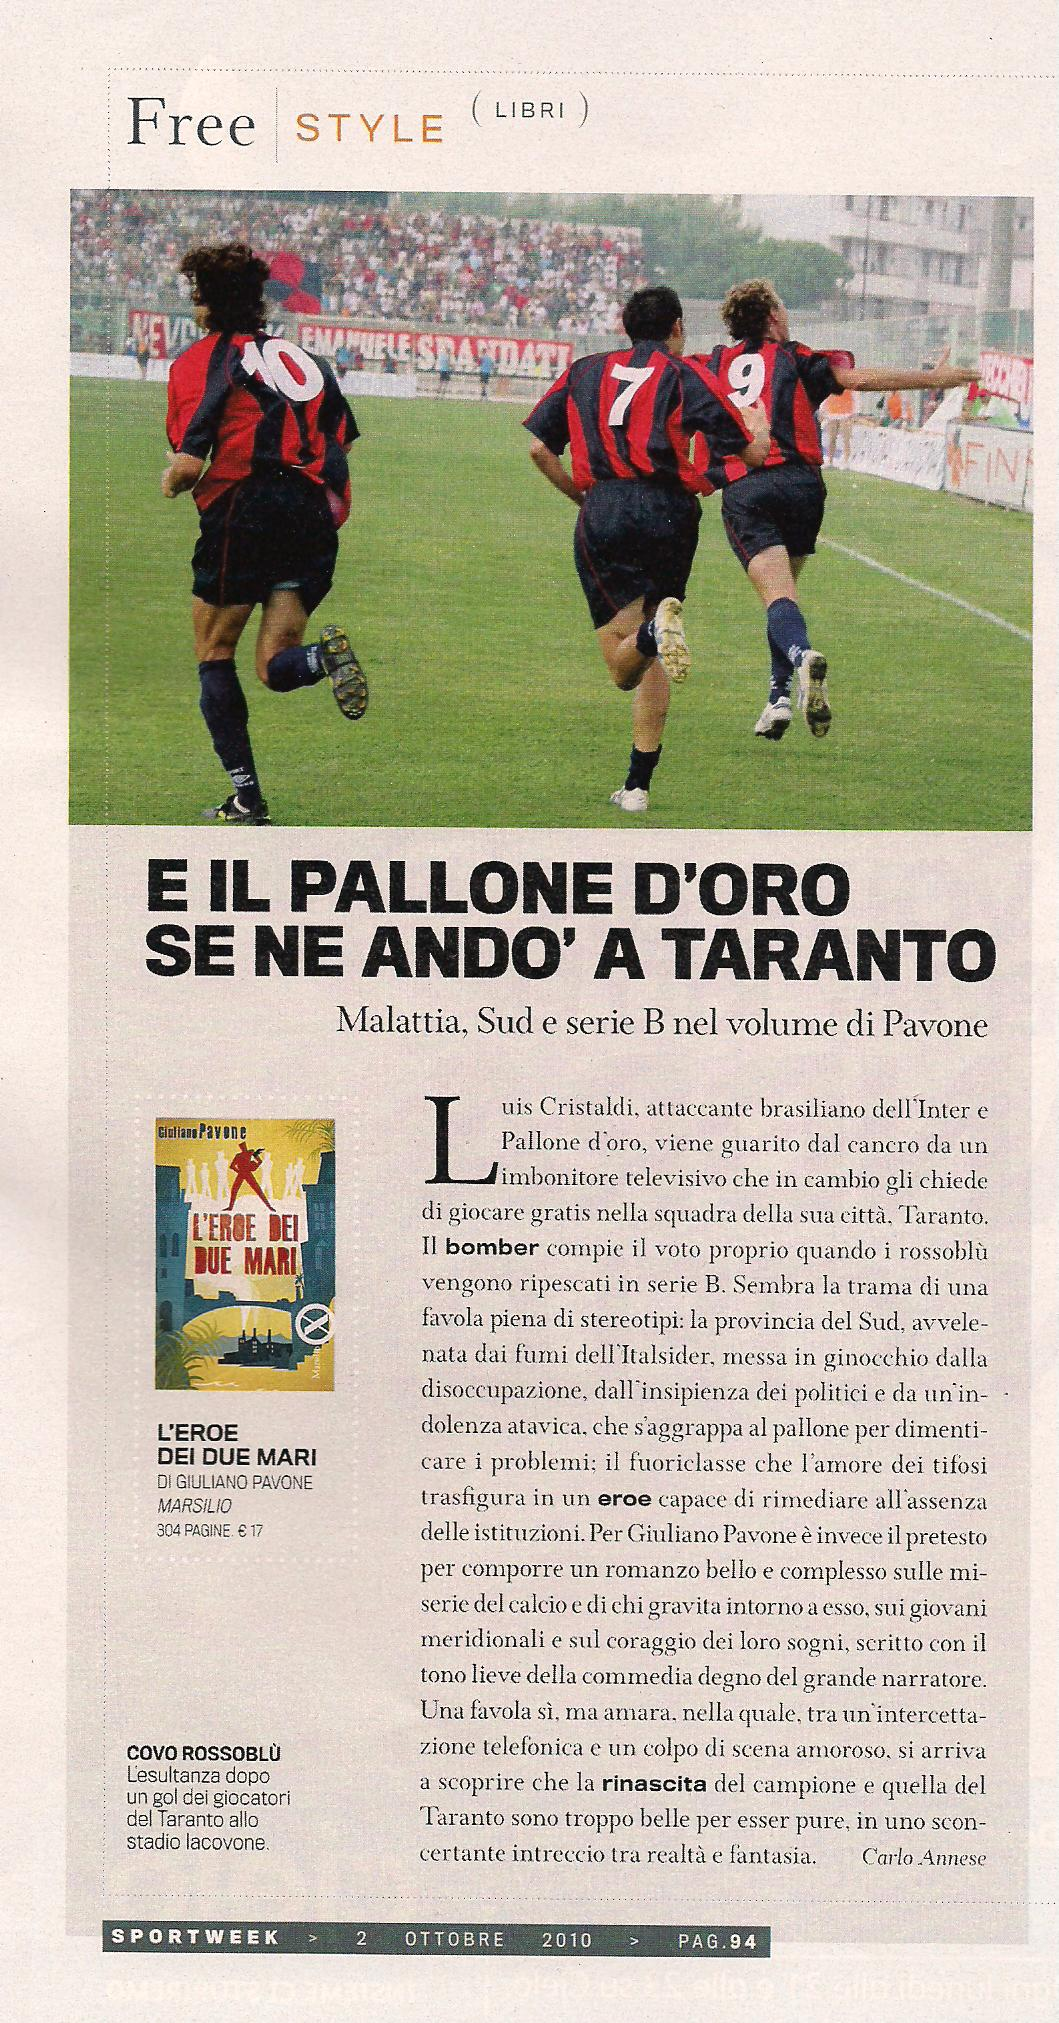 L'eroe dei due mari su SportWeek (La Gazzetta dello Sport), 2 ottobre 2010